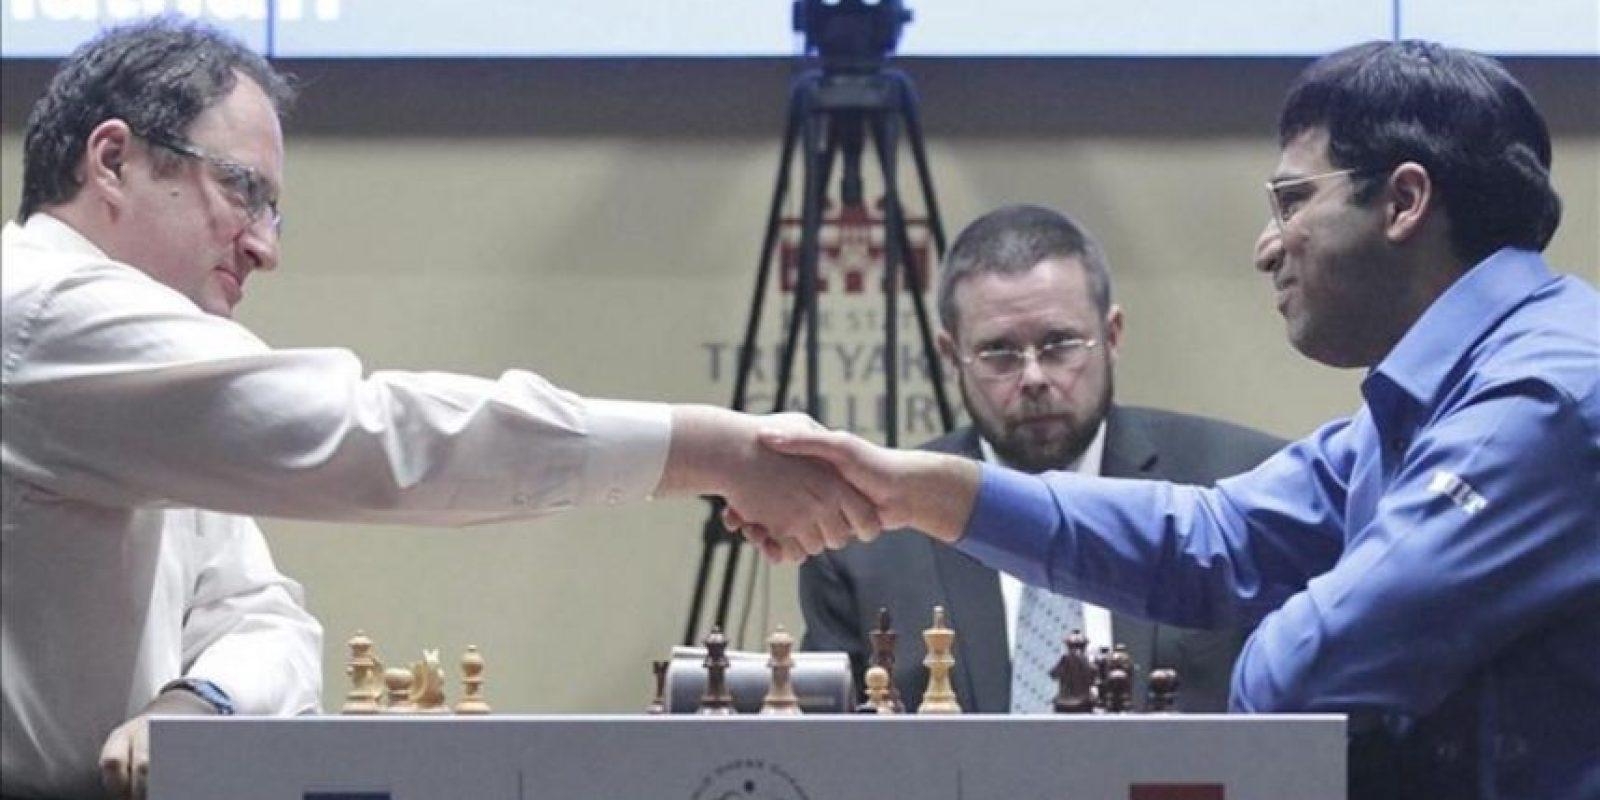 El jugador indio Viswanathan Anand (dcha) saluda al israelí Boris Gelfand tras vencerle hoy en la partida de desempate del Campeonato del Mundo de ajedrez disputado en Moscú, Rusia. EFE